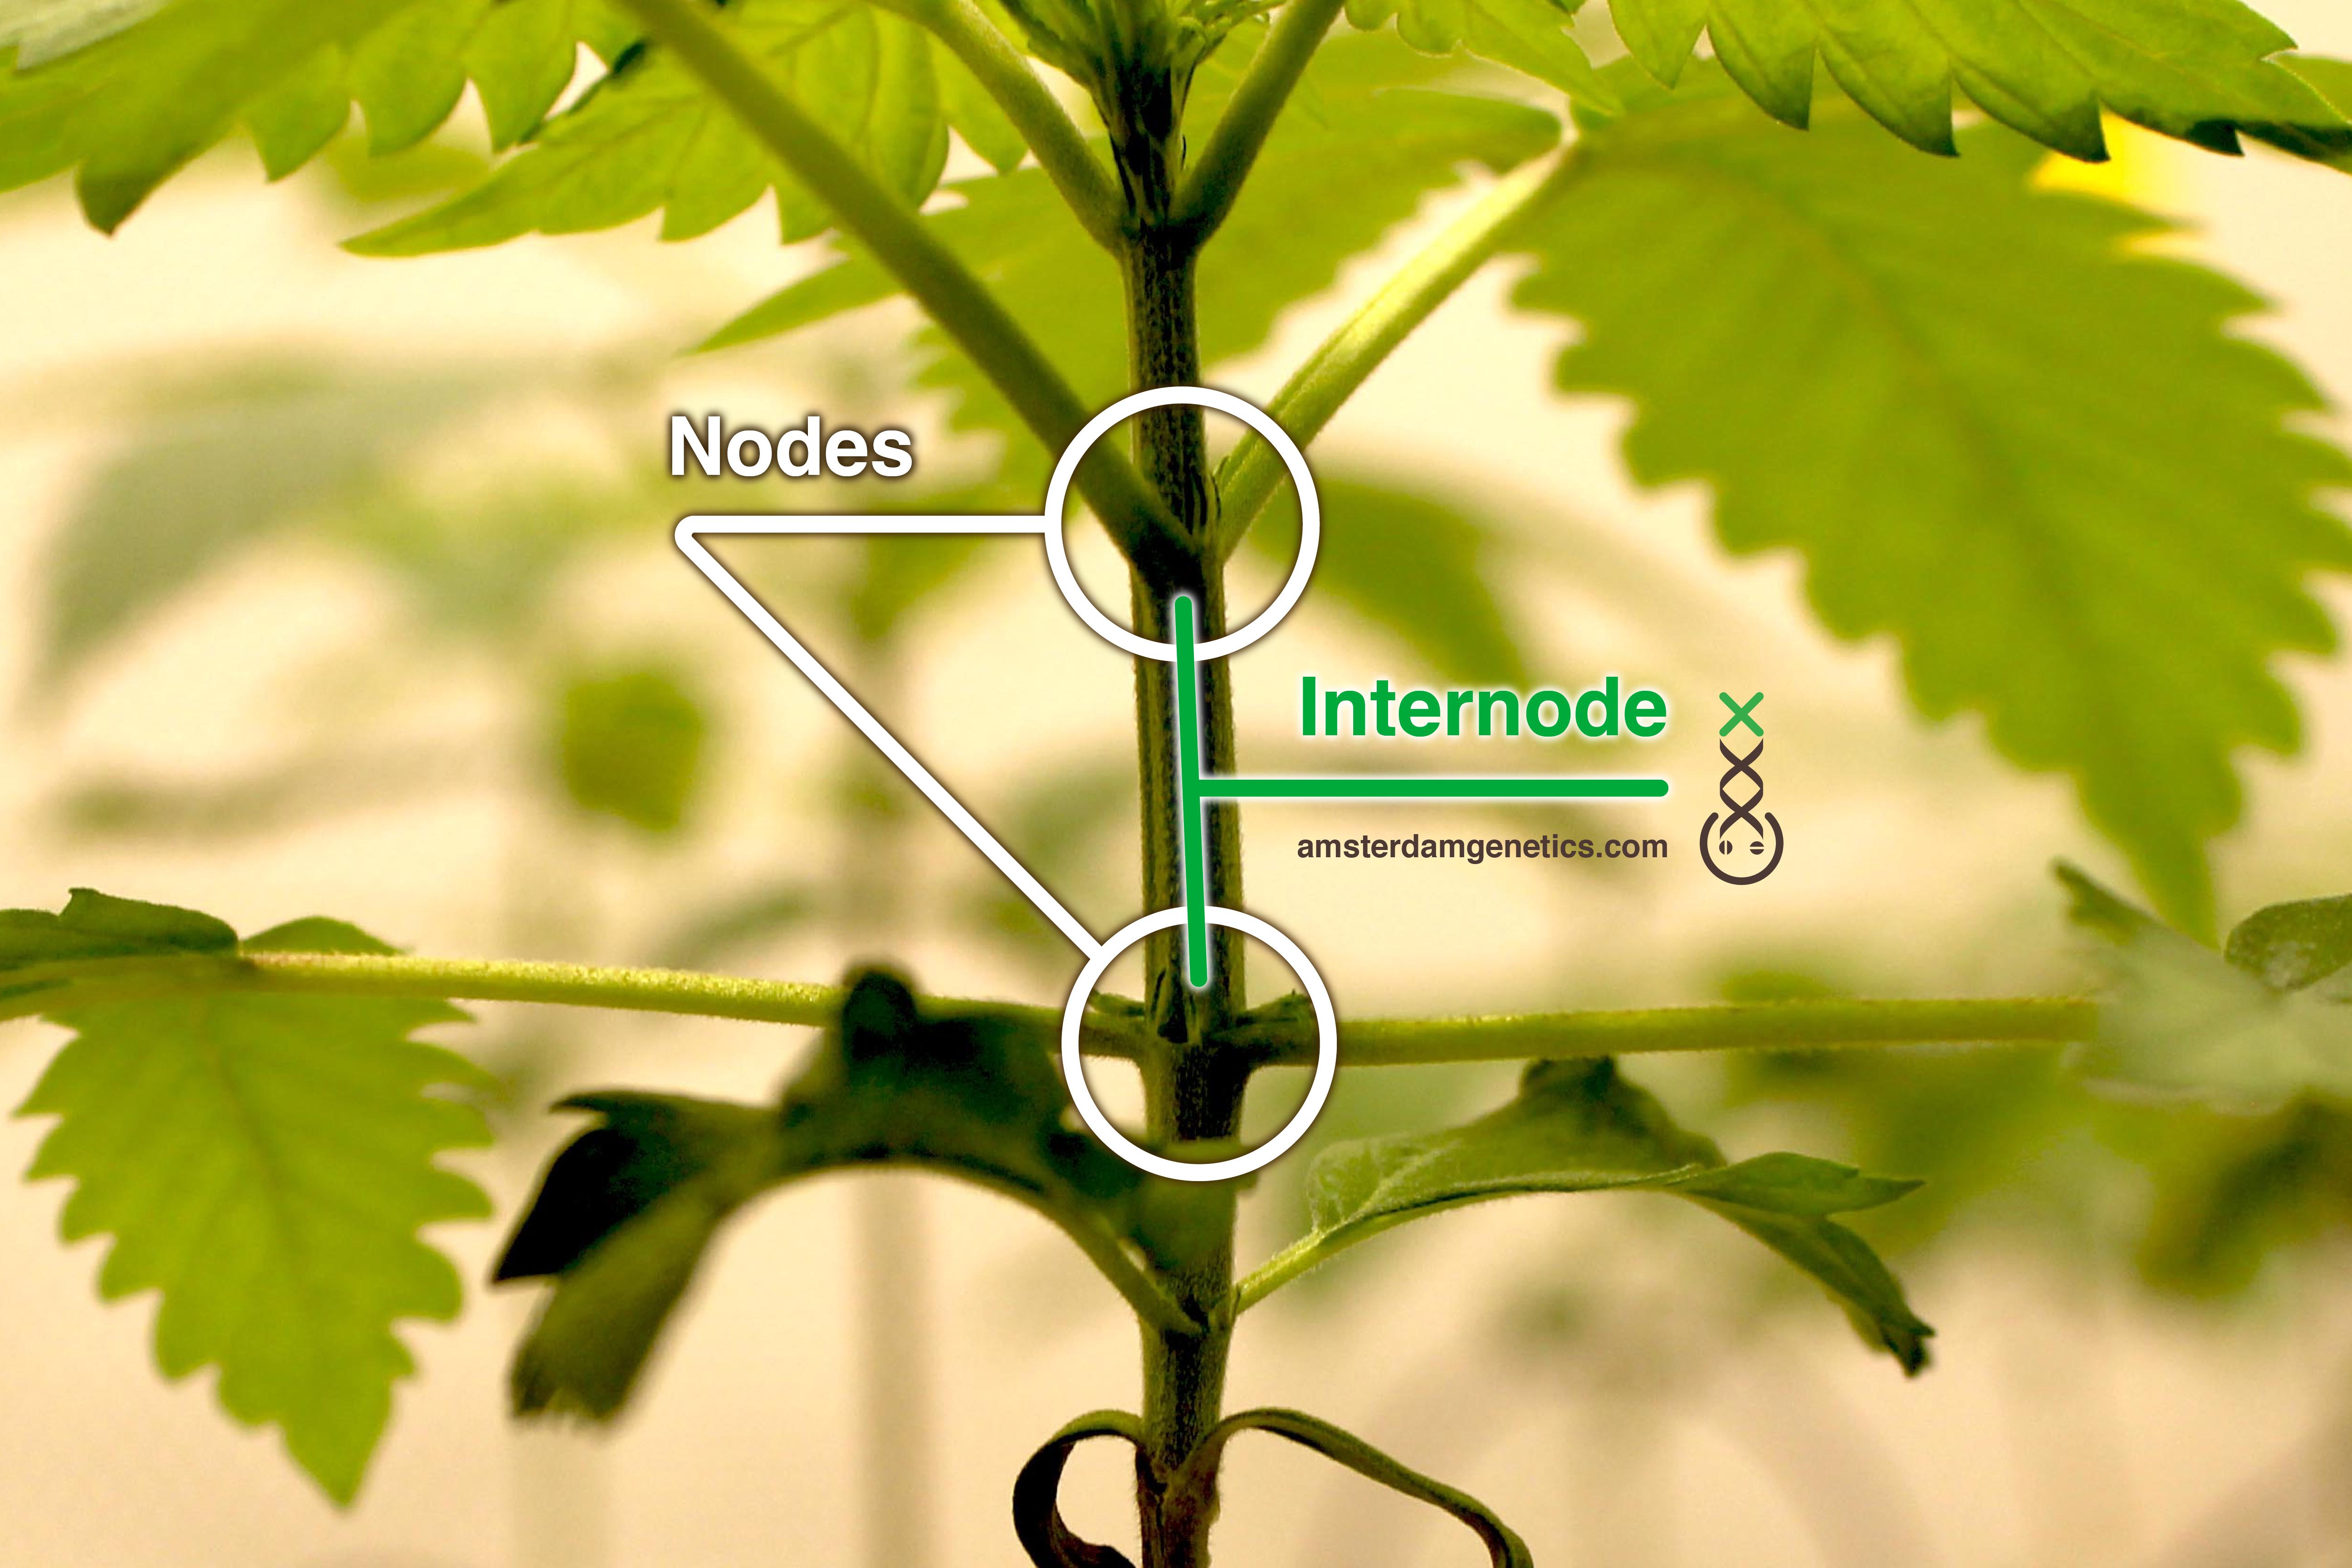 nodes node internodes internode Amsterdam Genetics